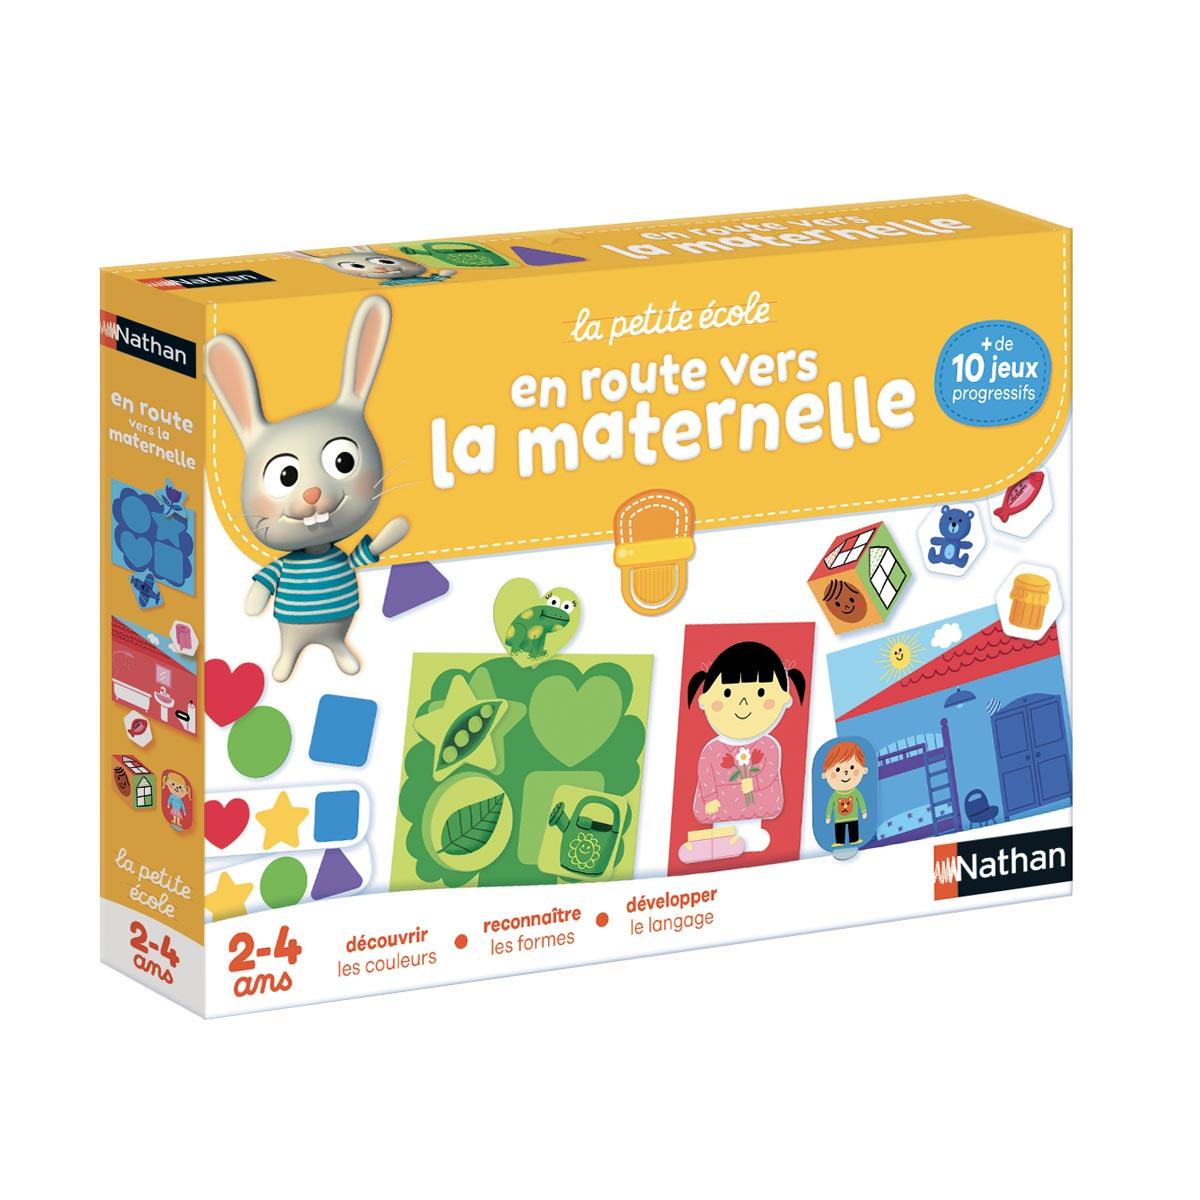 Coffret De Jeux En Route Vers La Maternelle à Activités Éducatives Pour Les 0 2 Ans